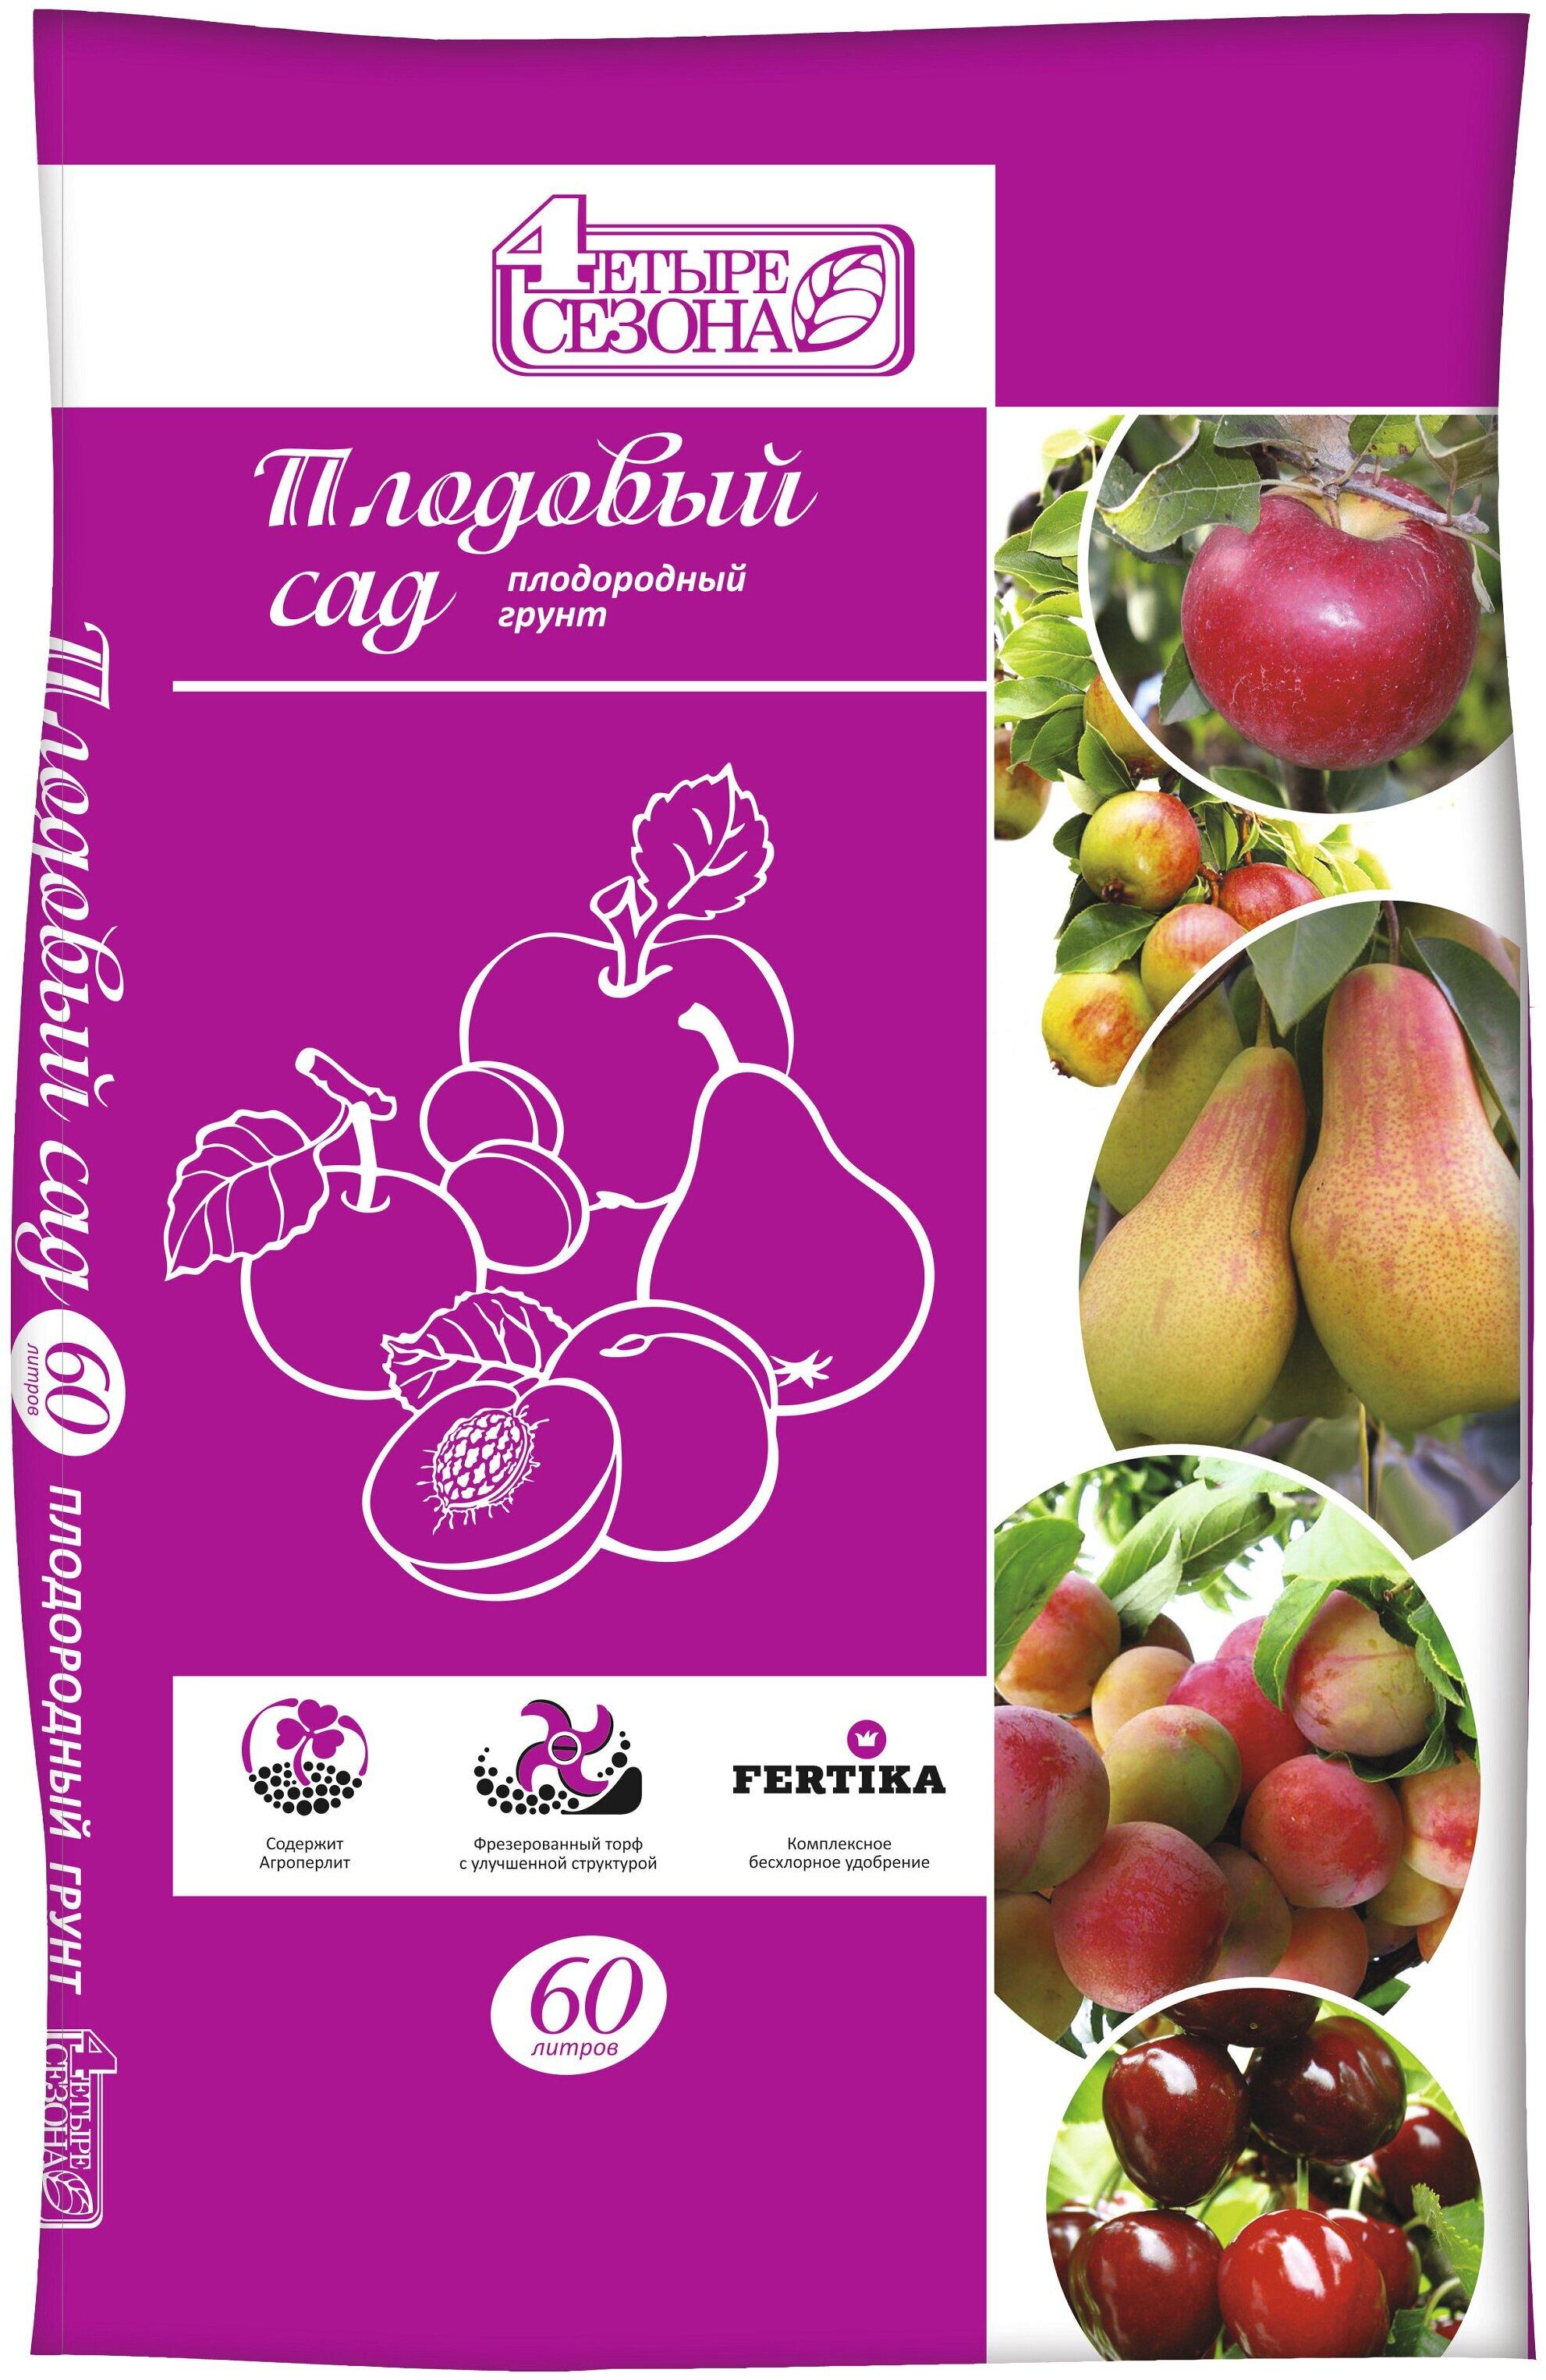 Купить Грунт 4етыре сезона Плодовый сад 60 л. по низкой цене с доставкой из Яндекс.Маркета